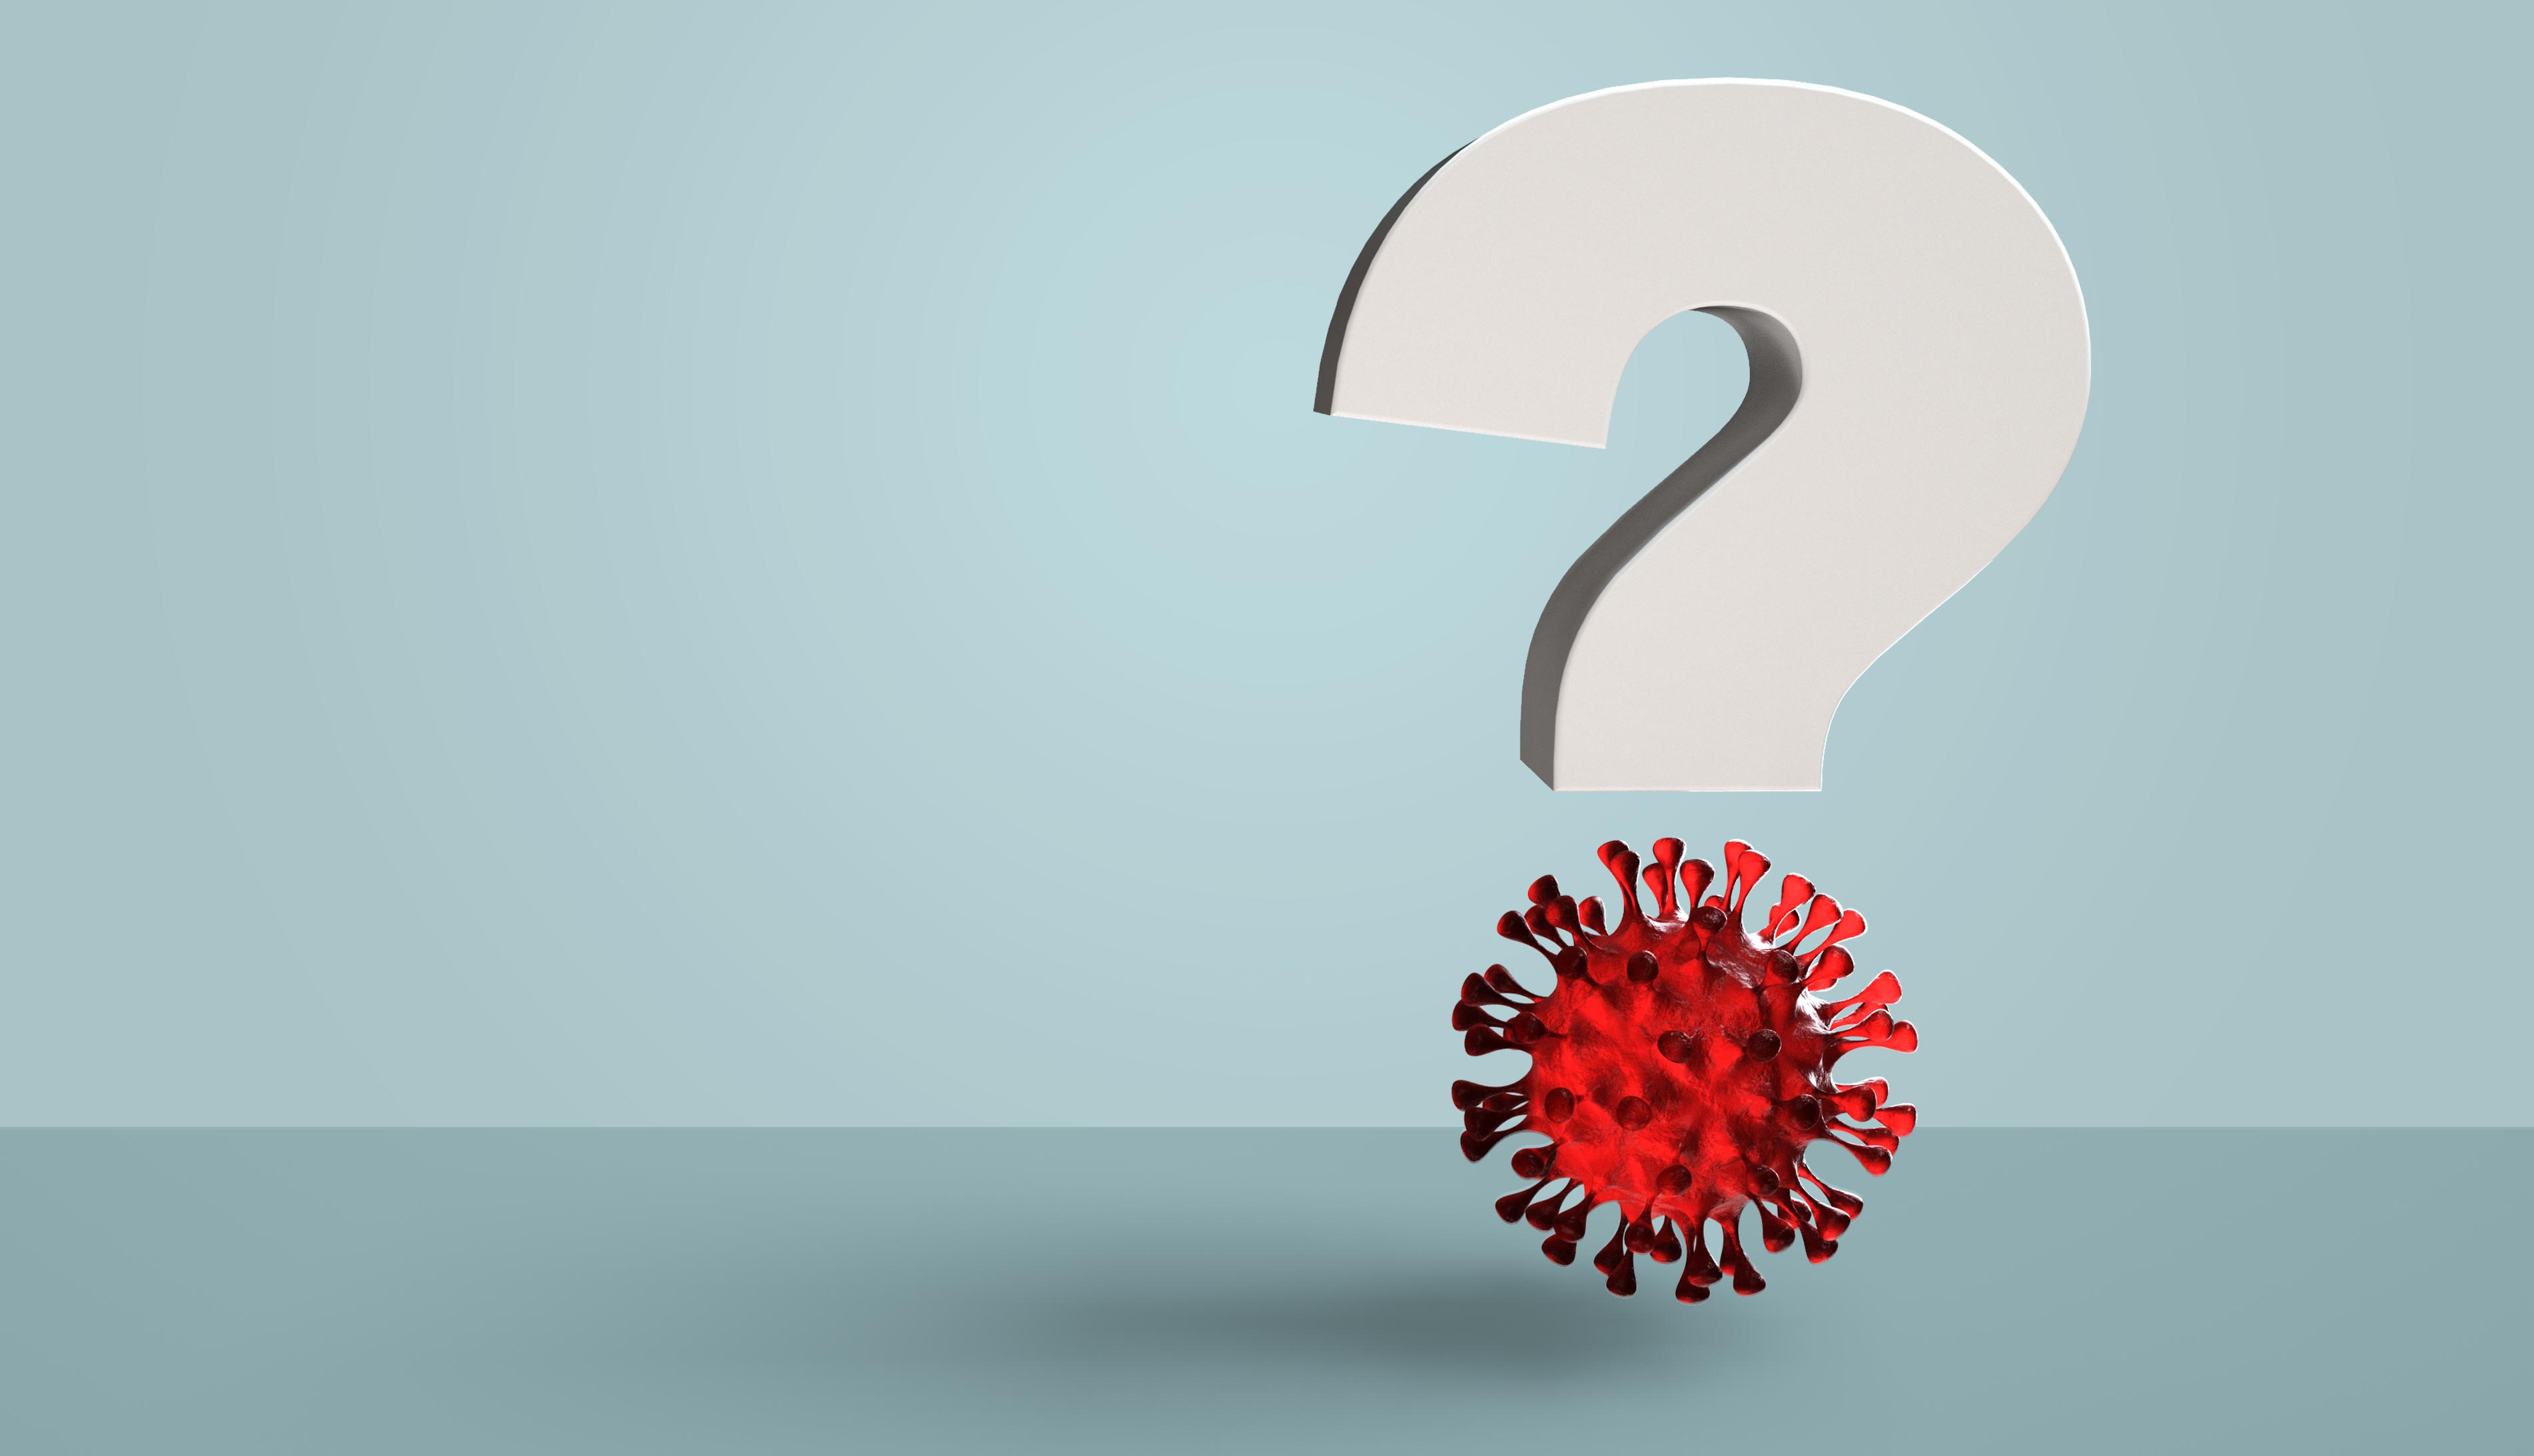 Conoce los mitos y verdades sobre el coronavirus